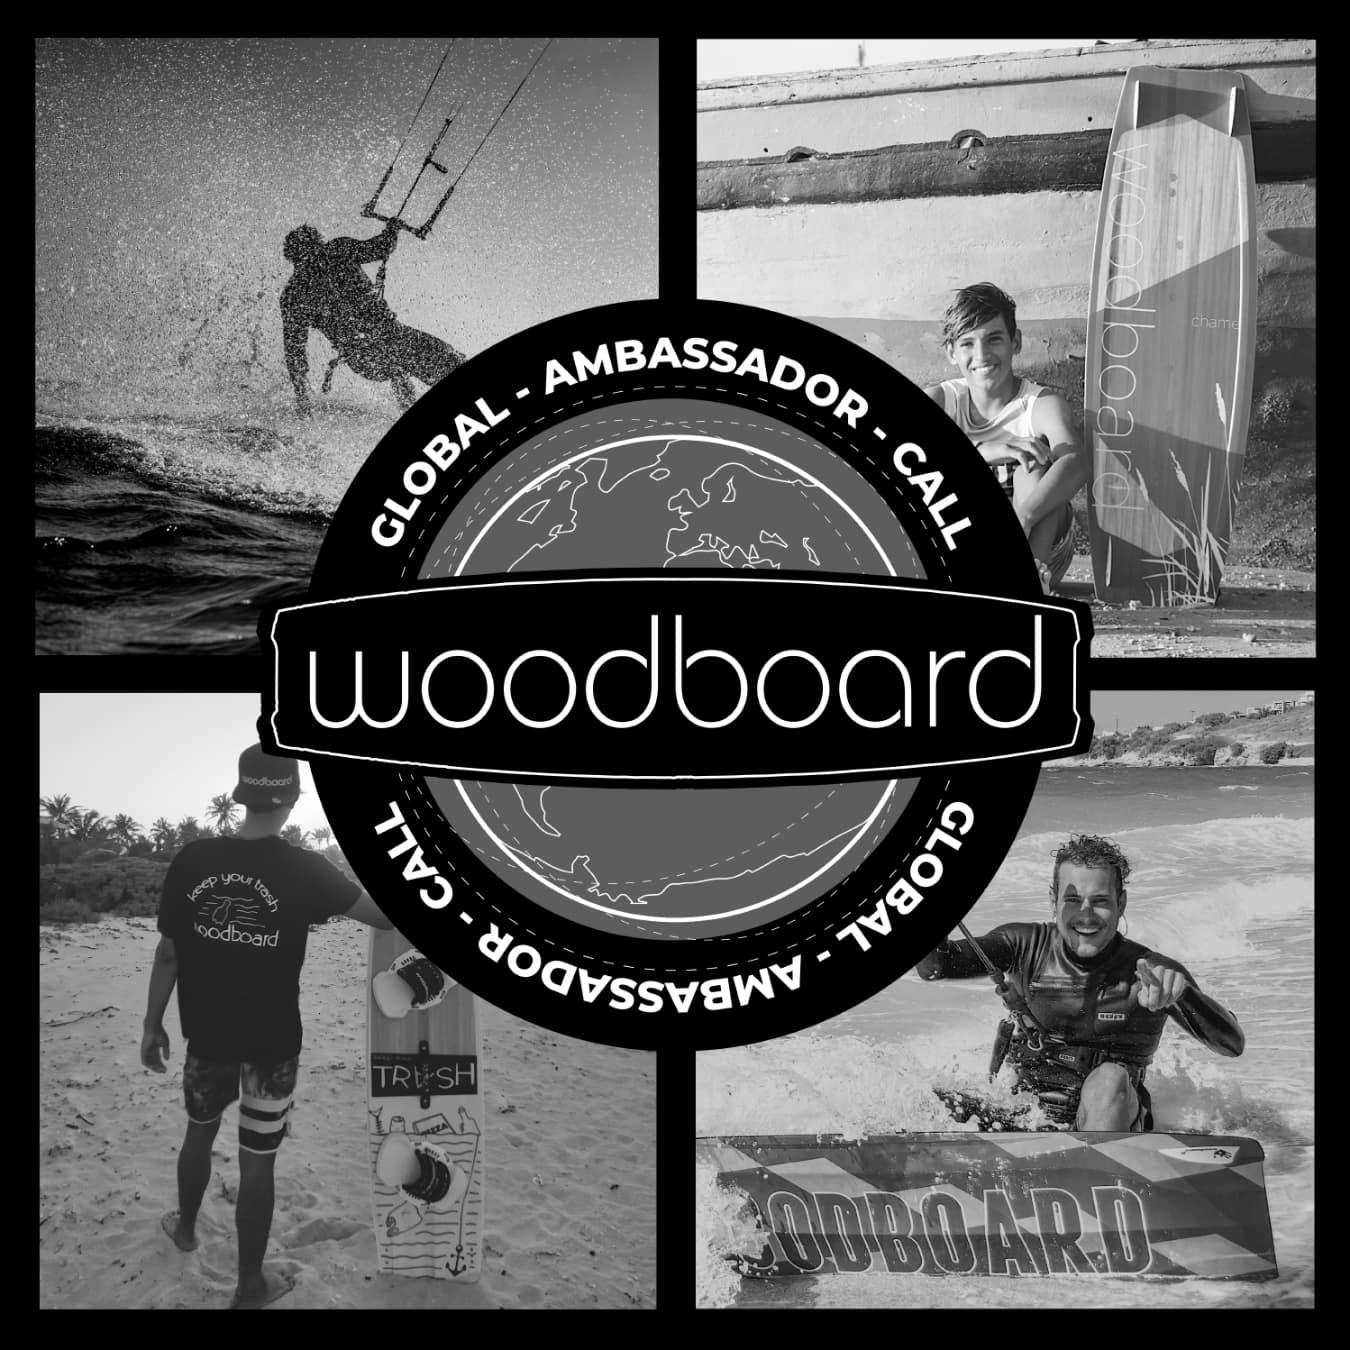 Woodboard Kitesurfing Global Ambasssador Call